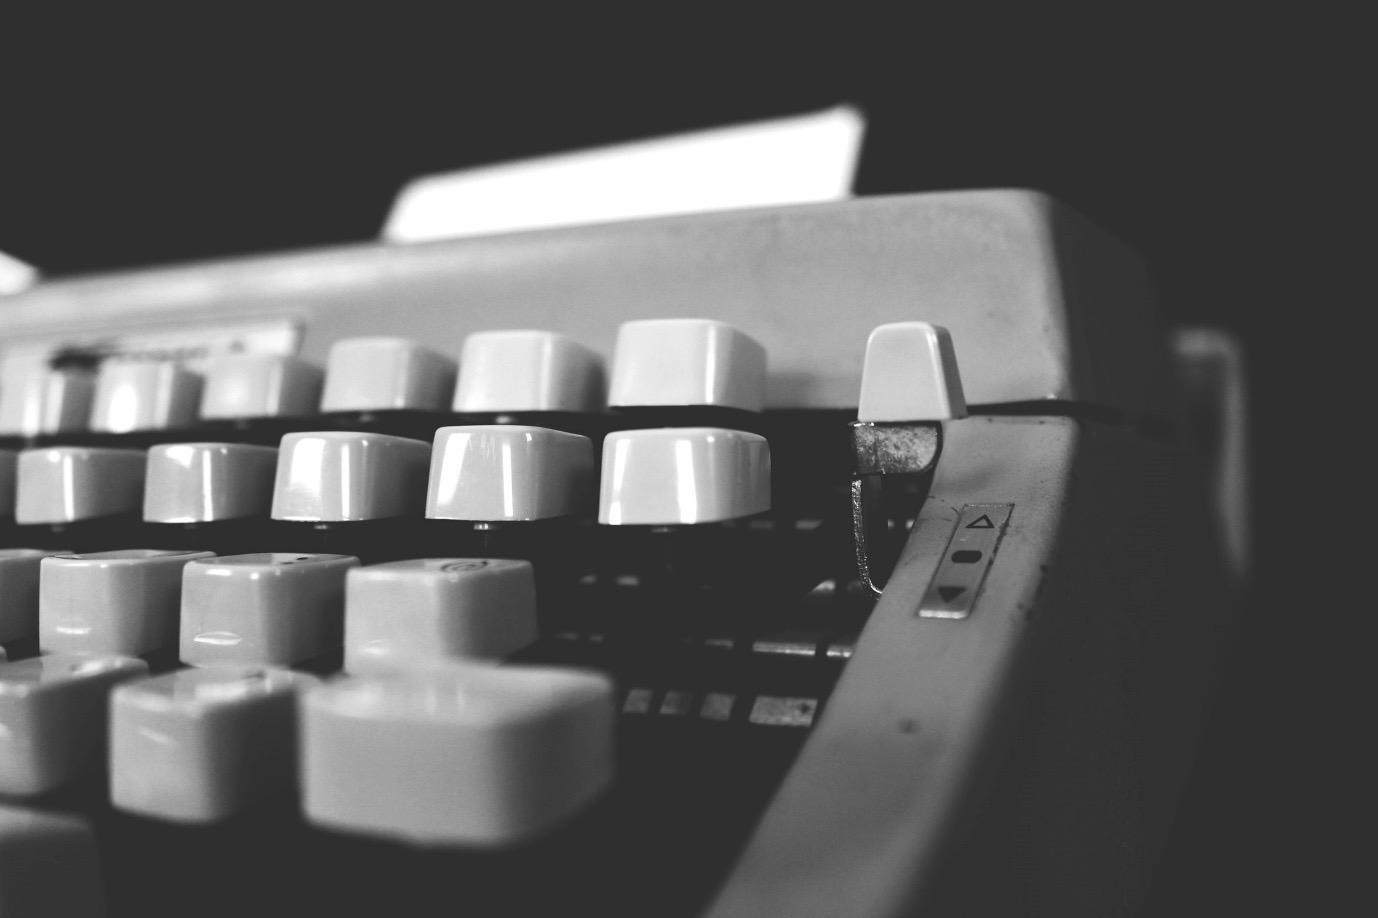 Электронные книги и их форматы: говорим про EPUB — его историю, плюсы и минусы - 1